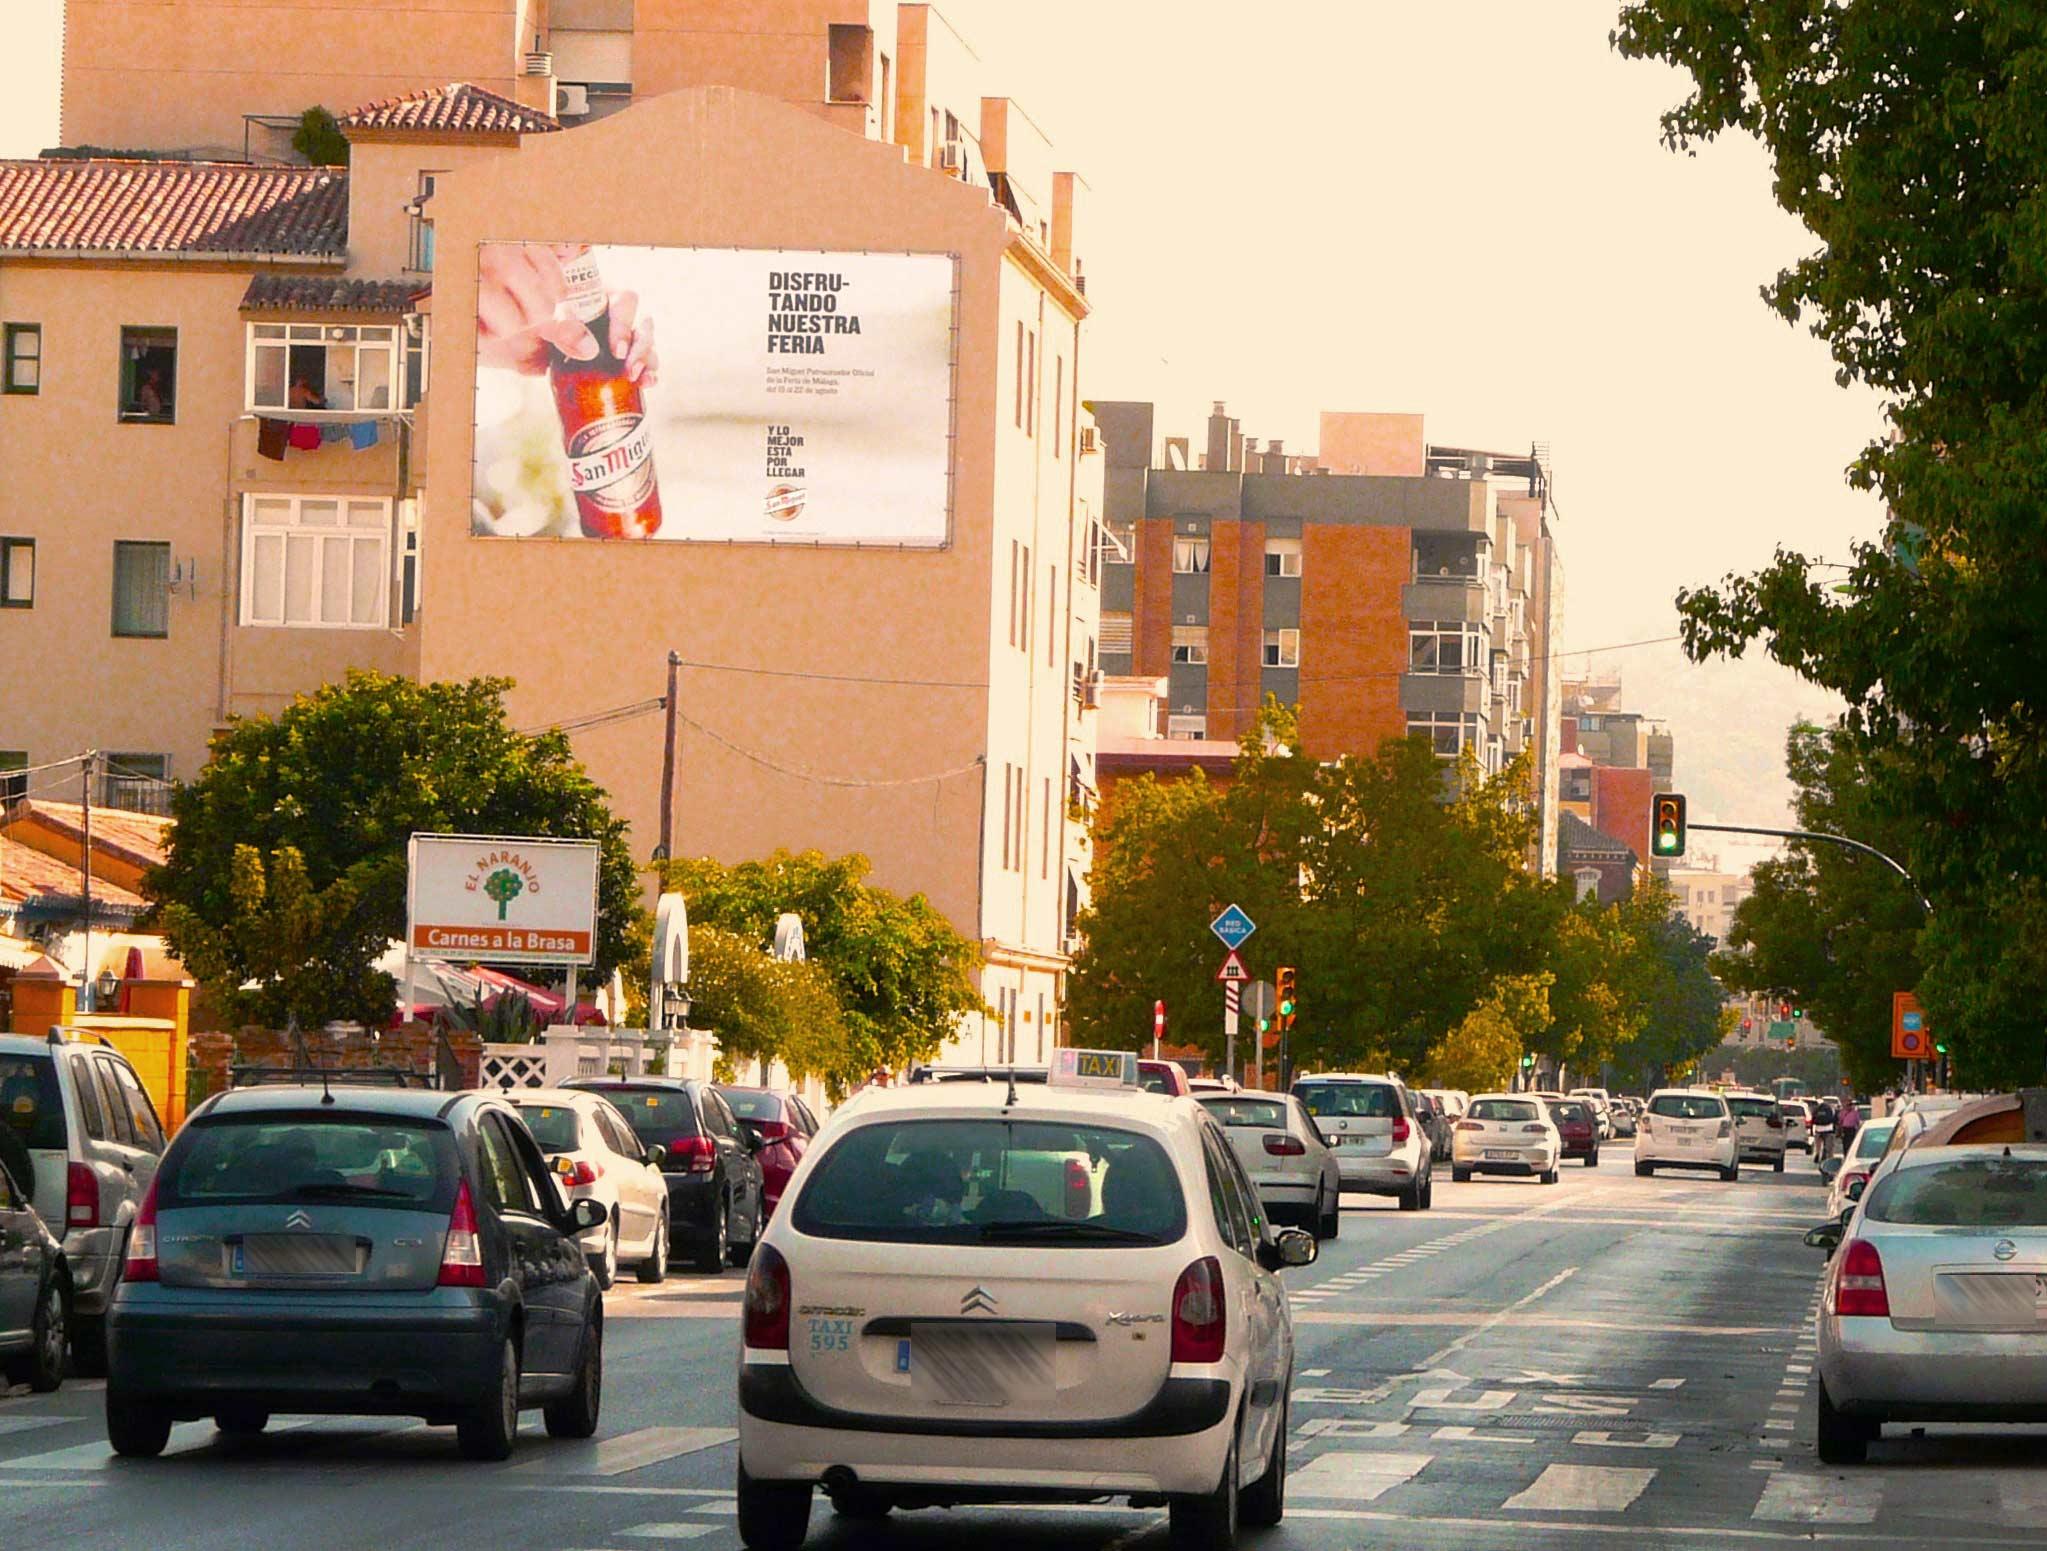 pym-medianera-publicidad-exterior-san-miguel-malaga-vsa-comunicacion